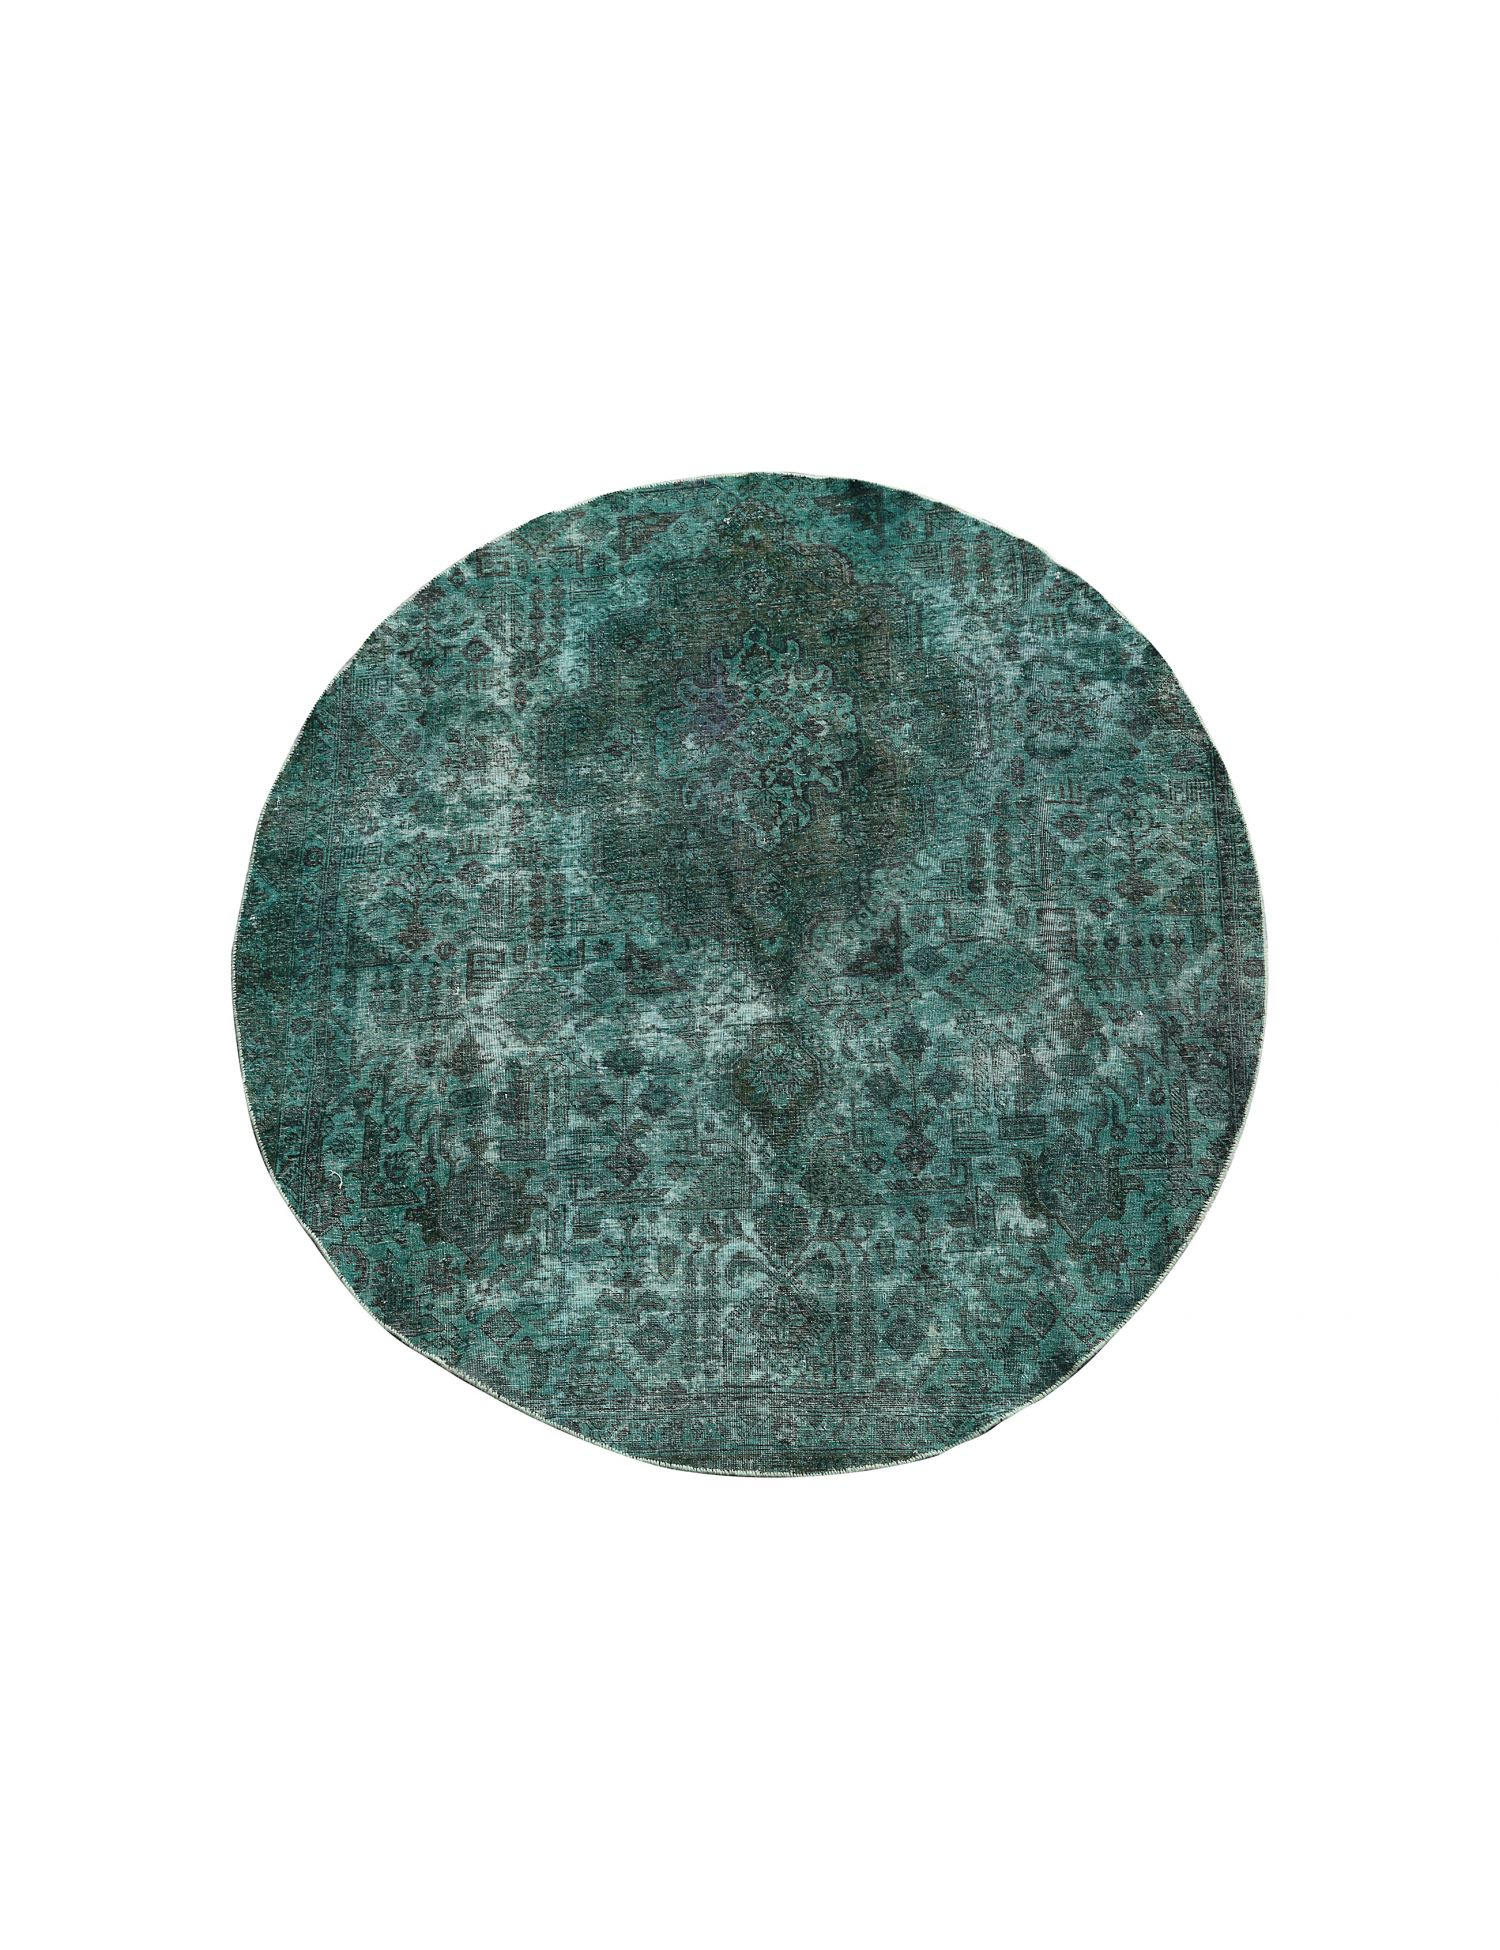 Vintage Teppich  grün <br/>235 x 235 cm